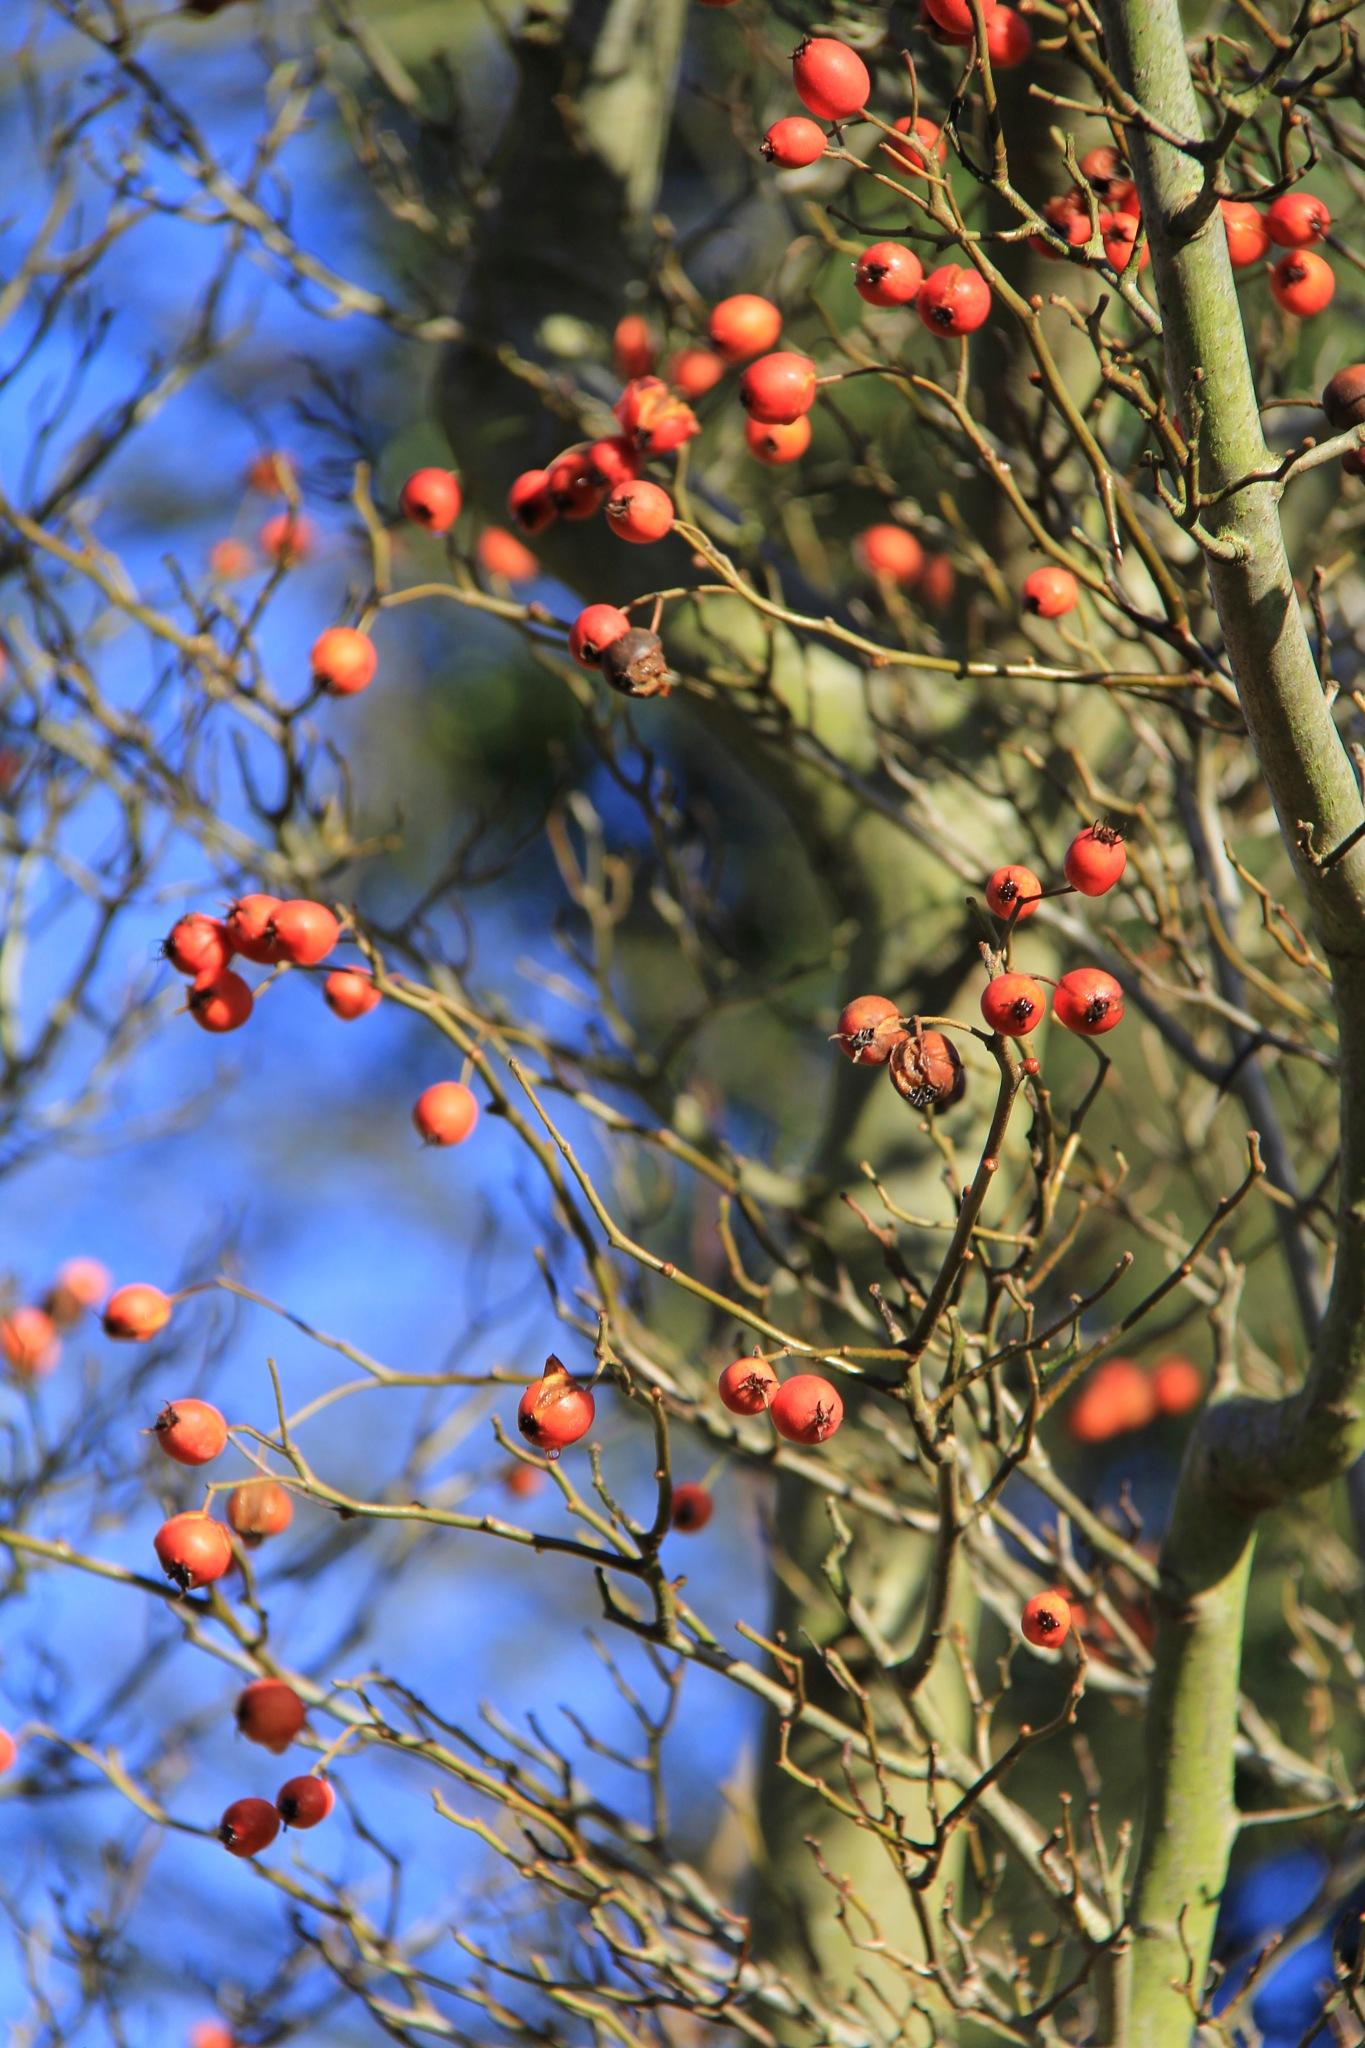 Berries by Daveschoie